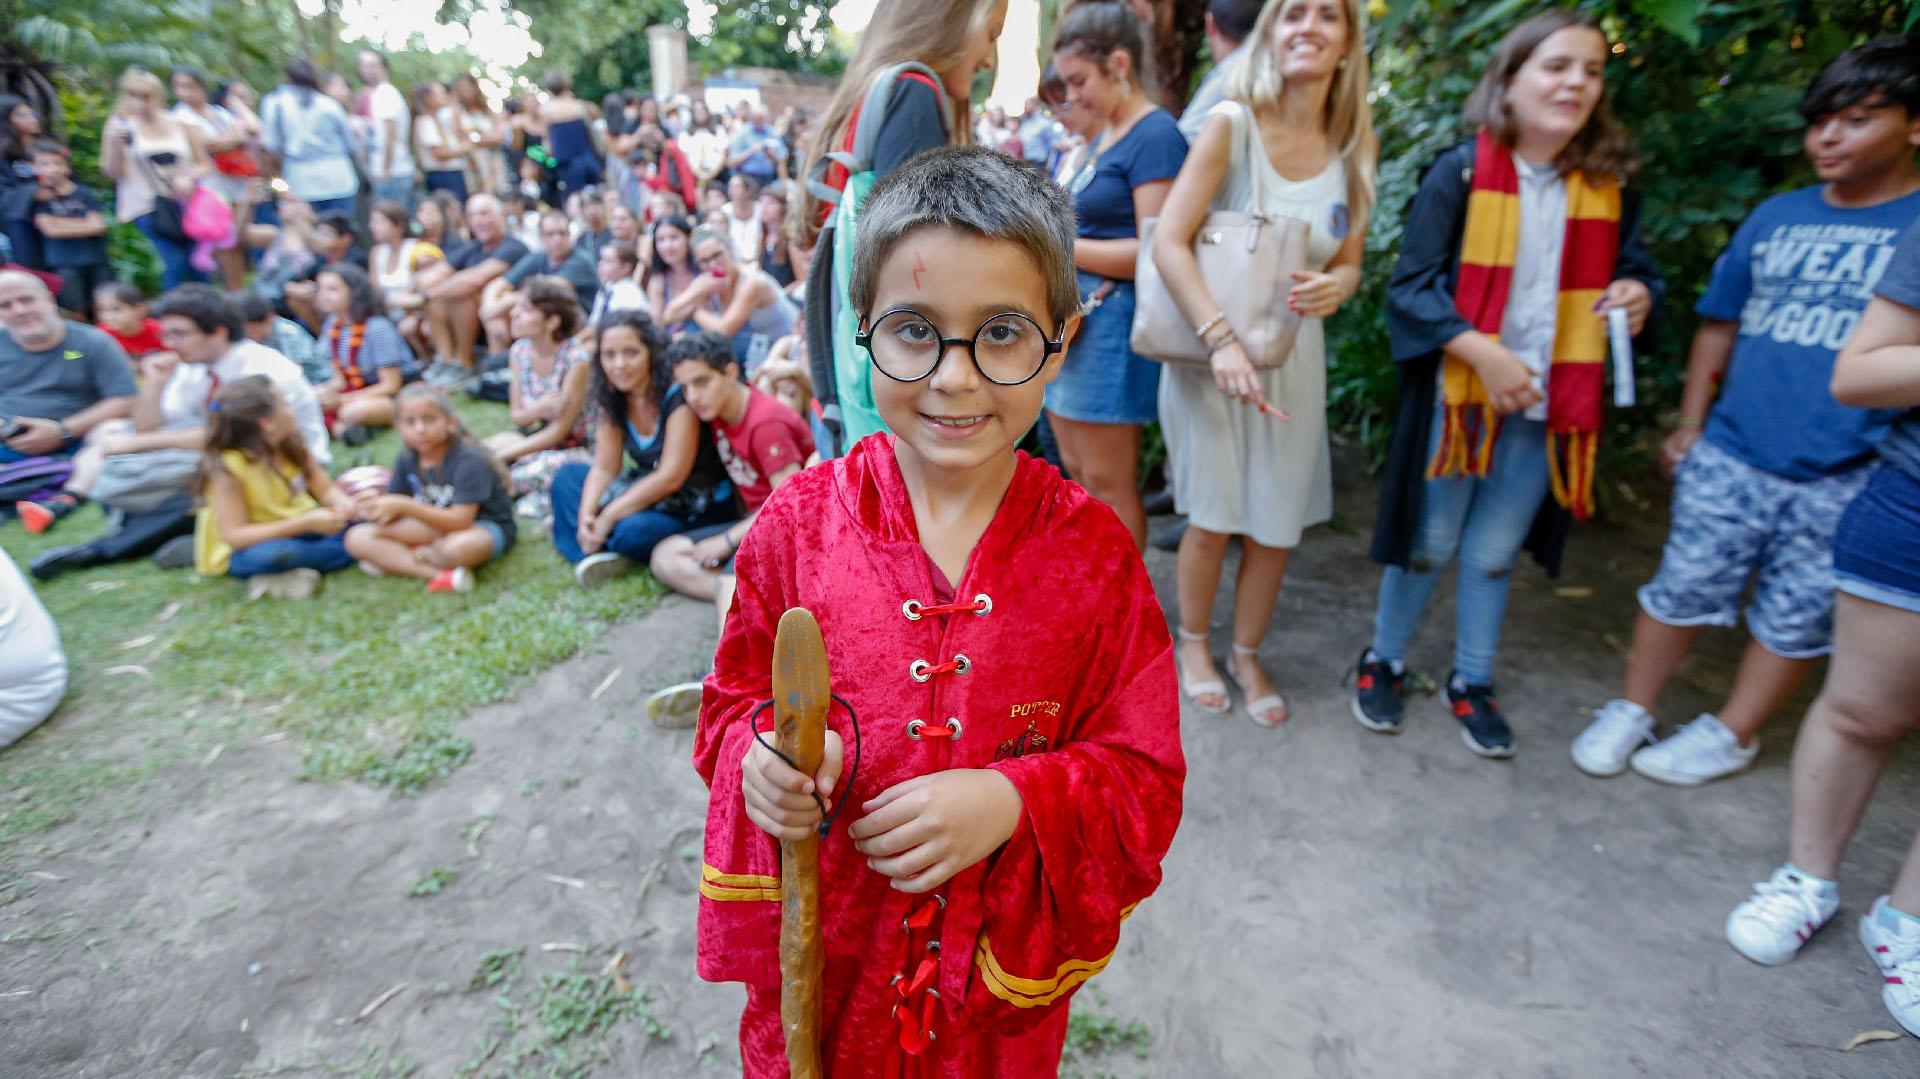 Un joven Harry Potter haciendo la fila para participar del concurso de disfraces